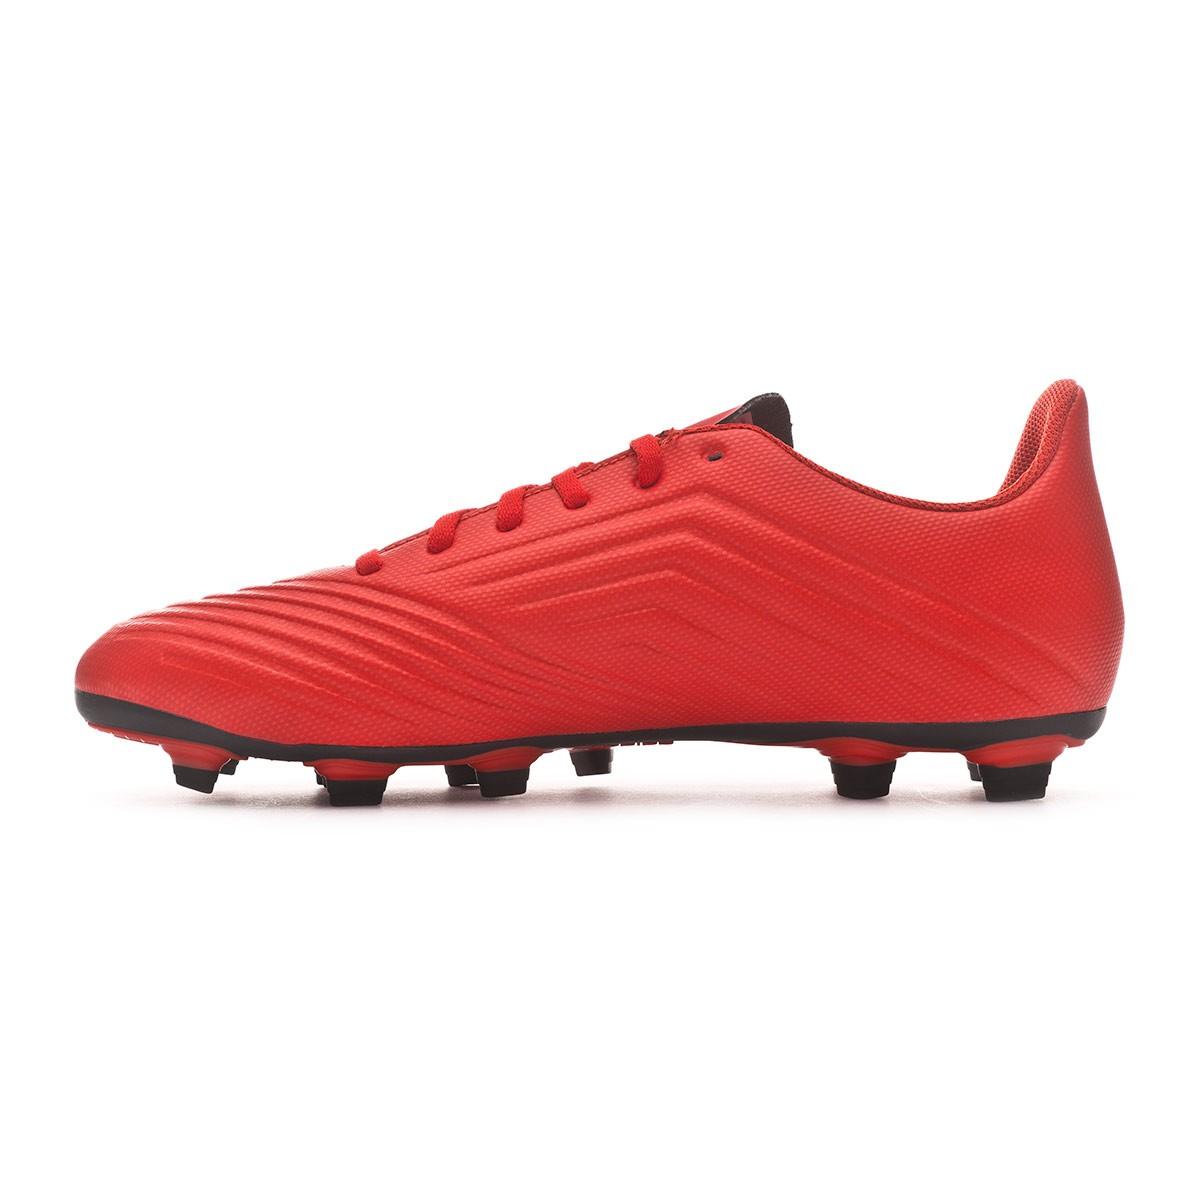 8b59f1ce7b9e0 Chuteira adidas Predator 19.4 FxG Active red-Solar red-Core black - Loja de  futebol Fútbol Emotion